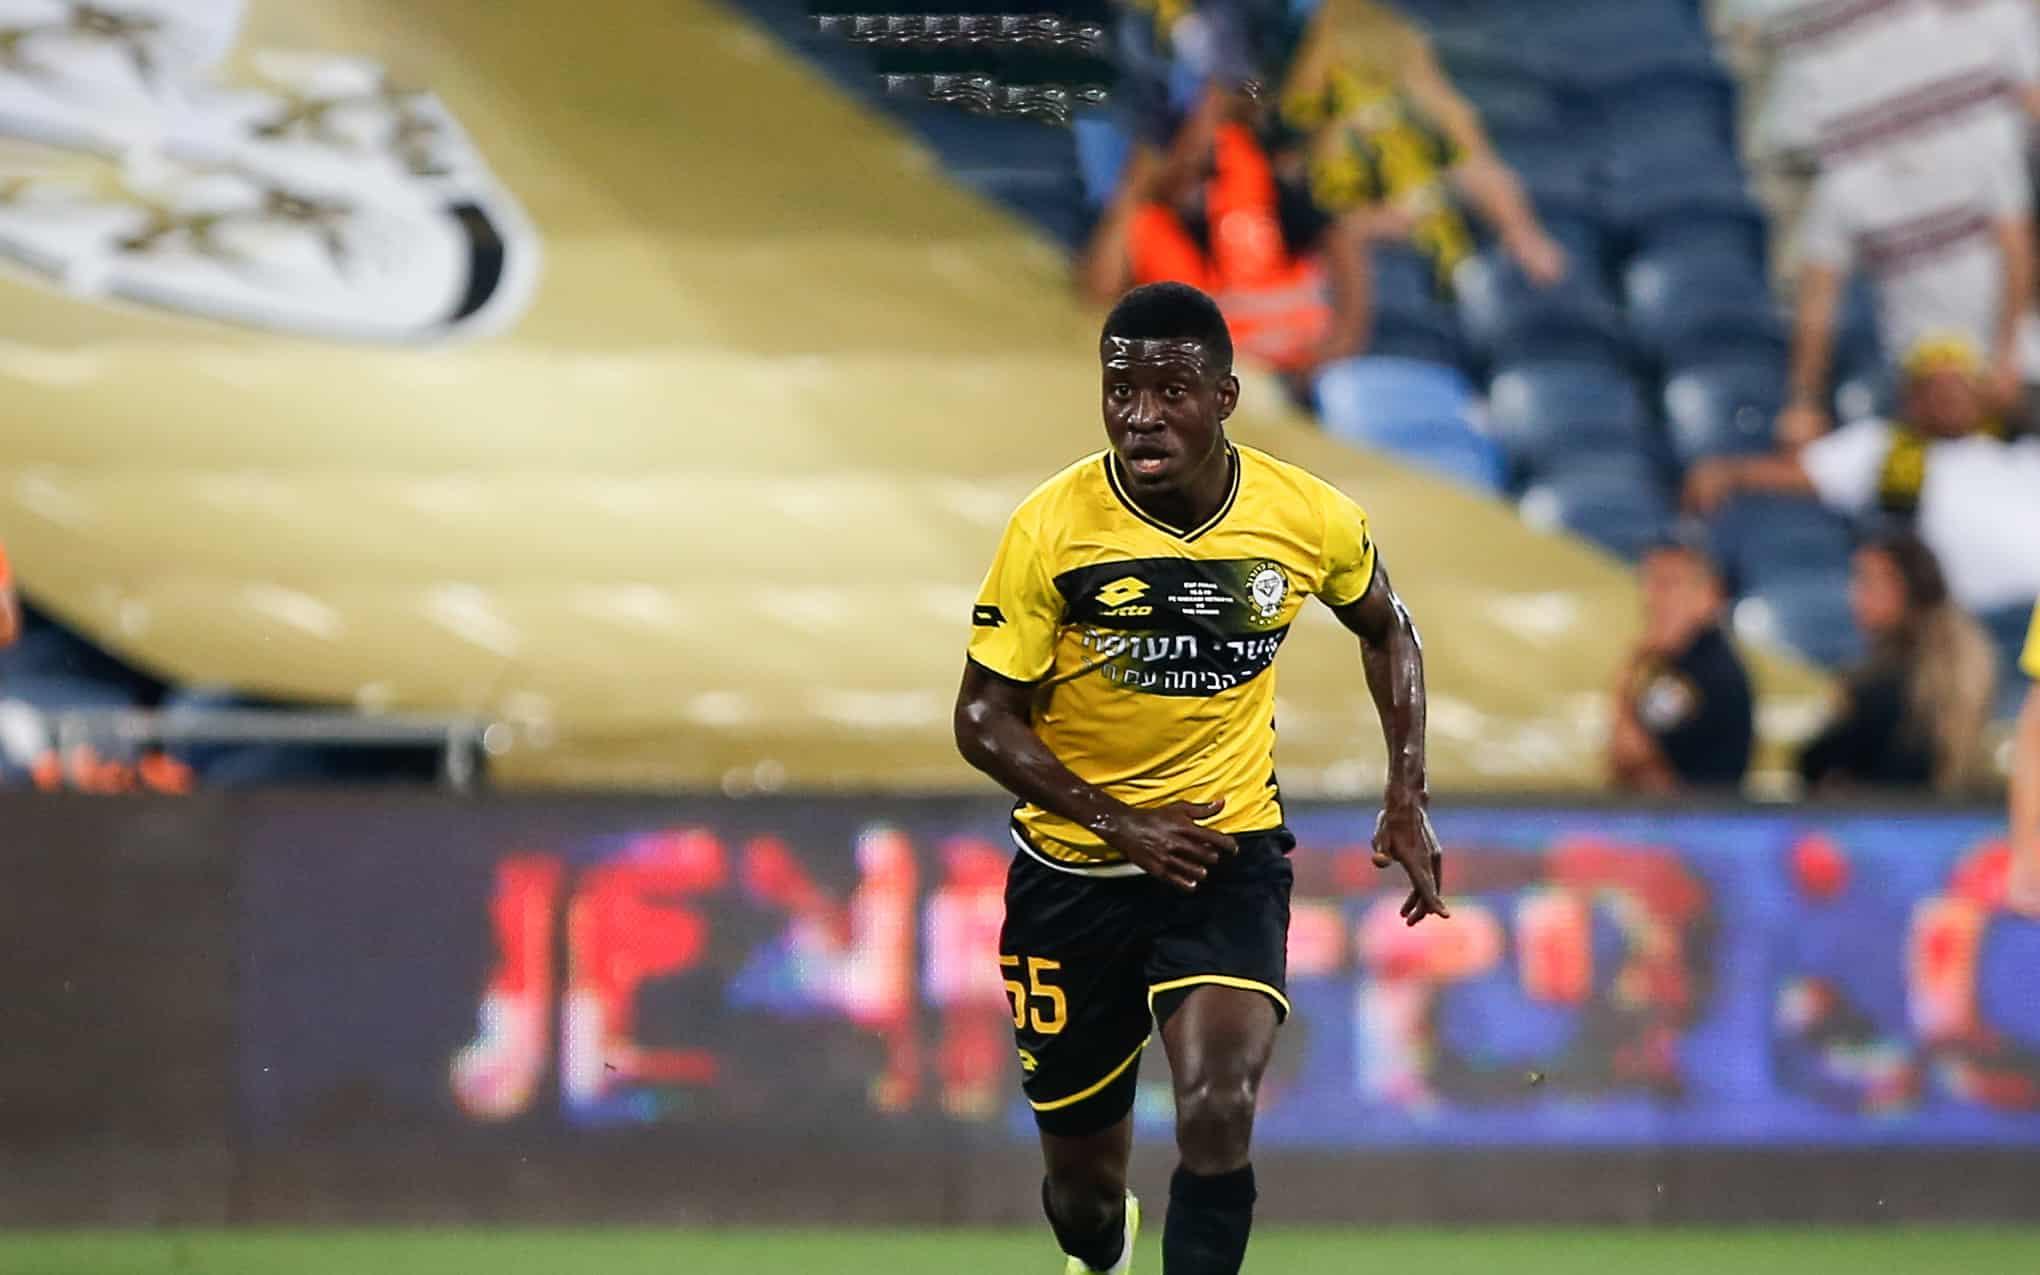 הכדורגלן עלי מוחמד (צילום: Roy Alima/Flash90)